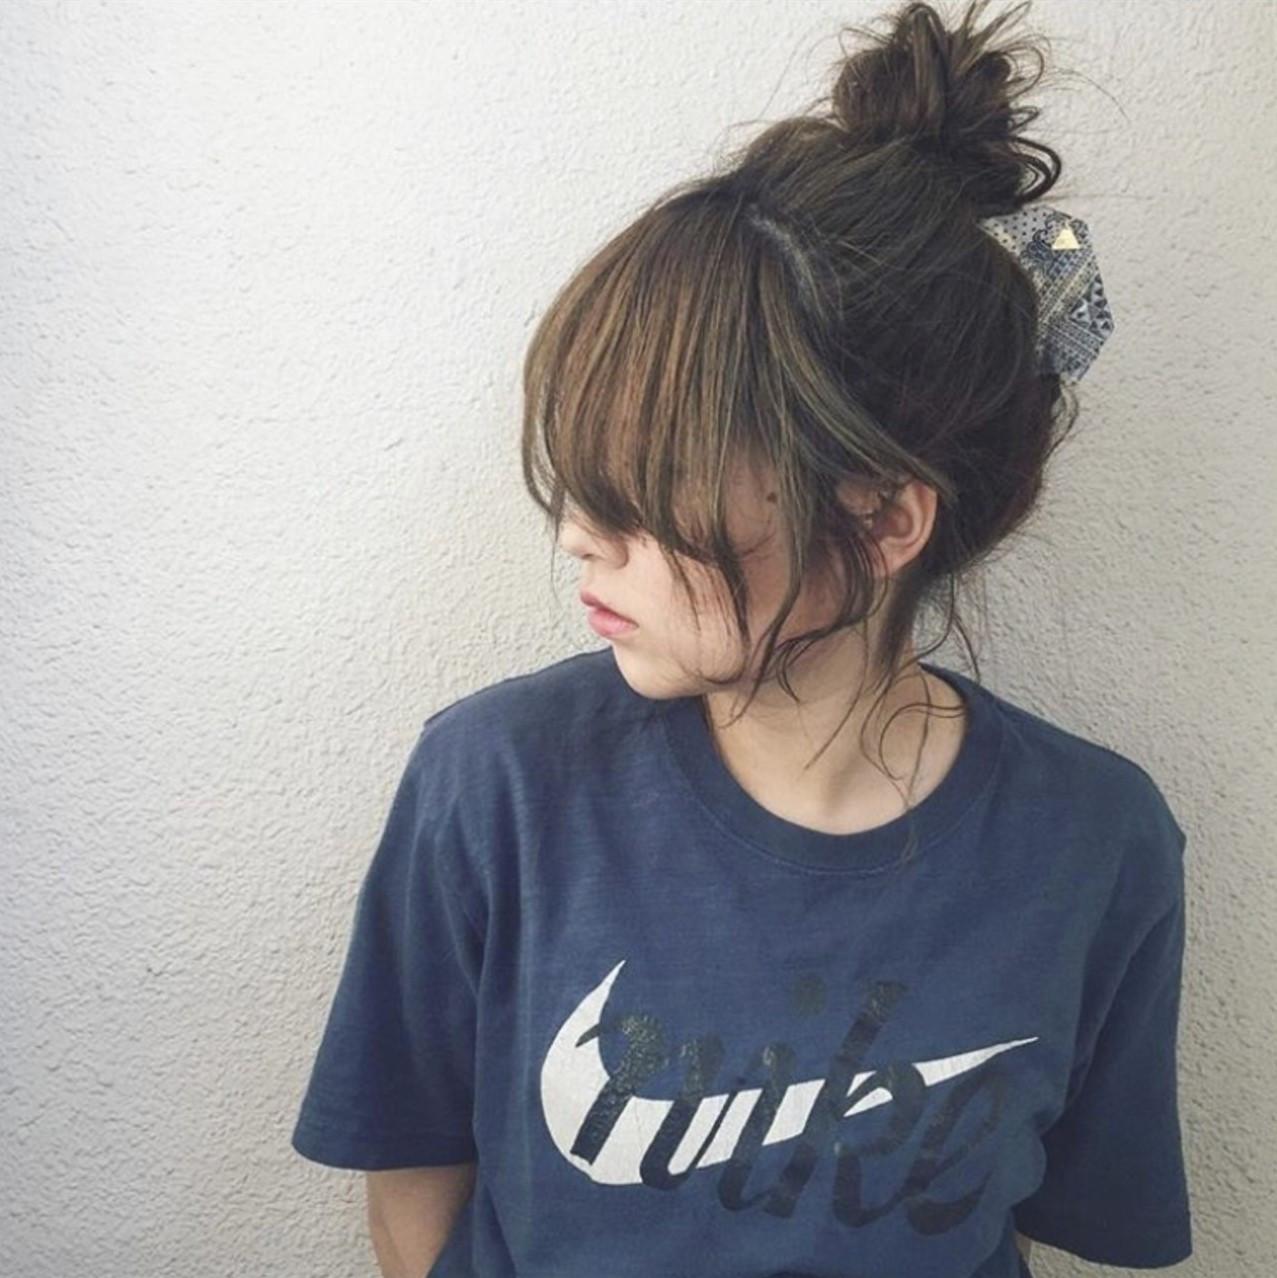 ナチュラル ヘアアレンジ ロング シニヨン ヘアスタイルや髪型の写真・画像